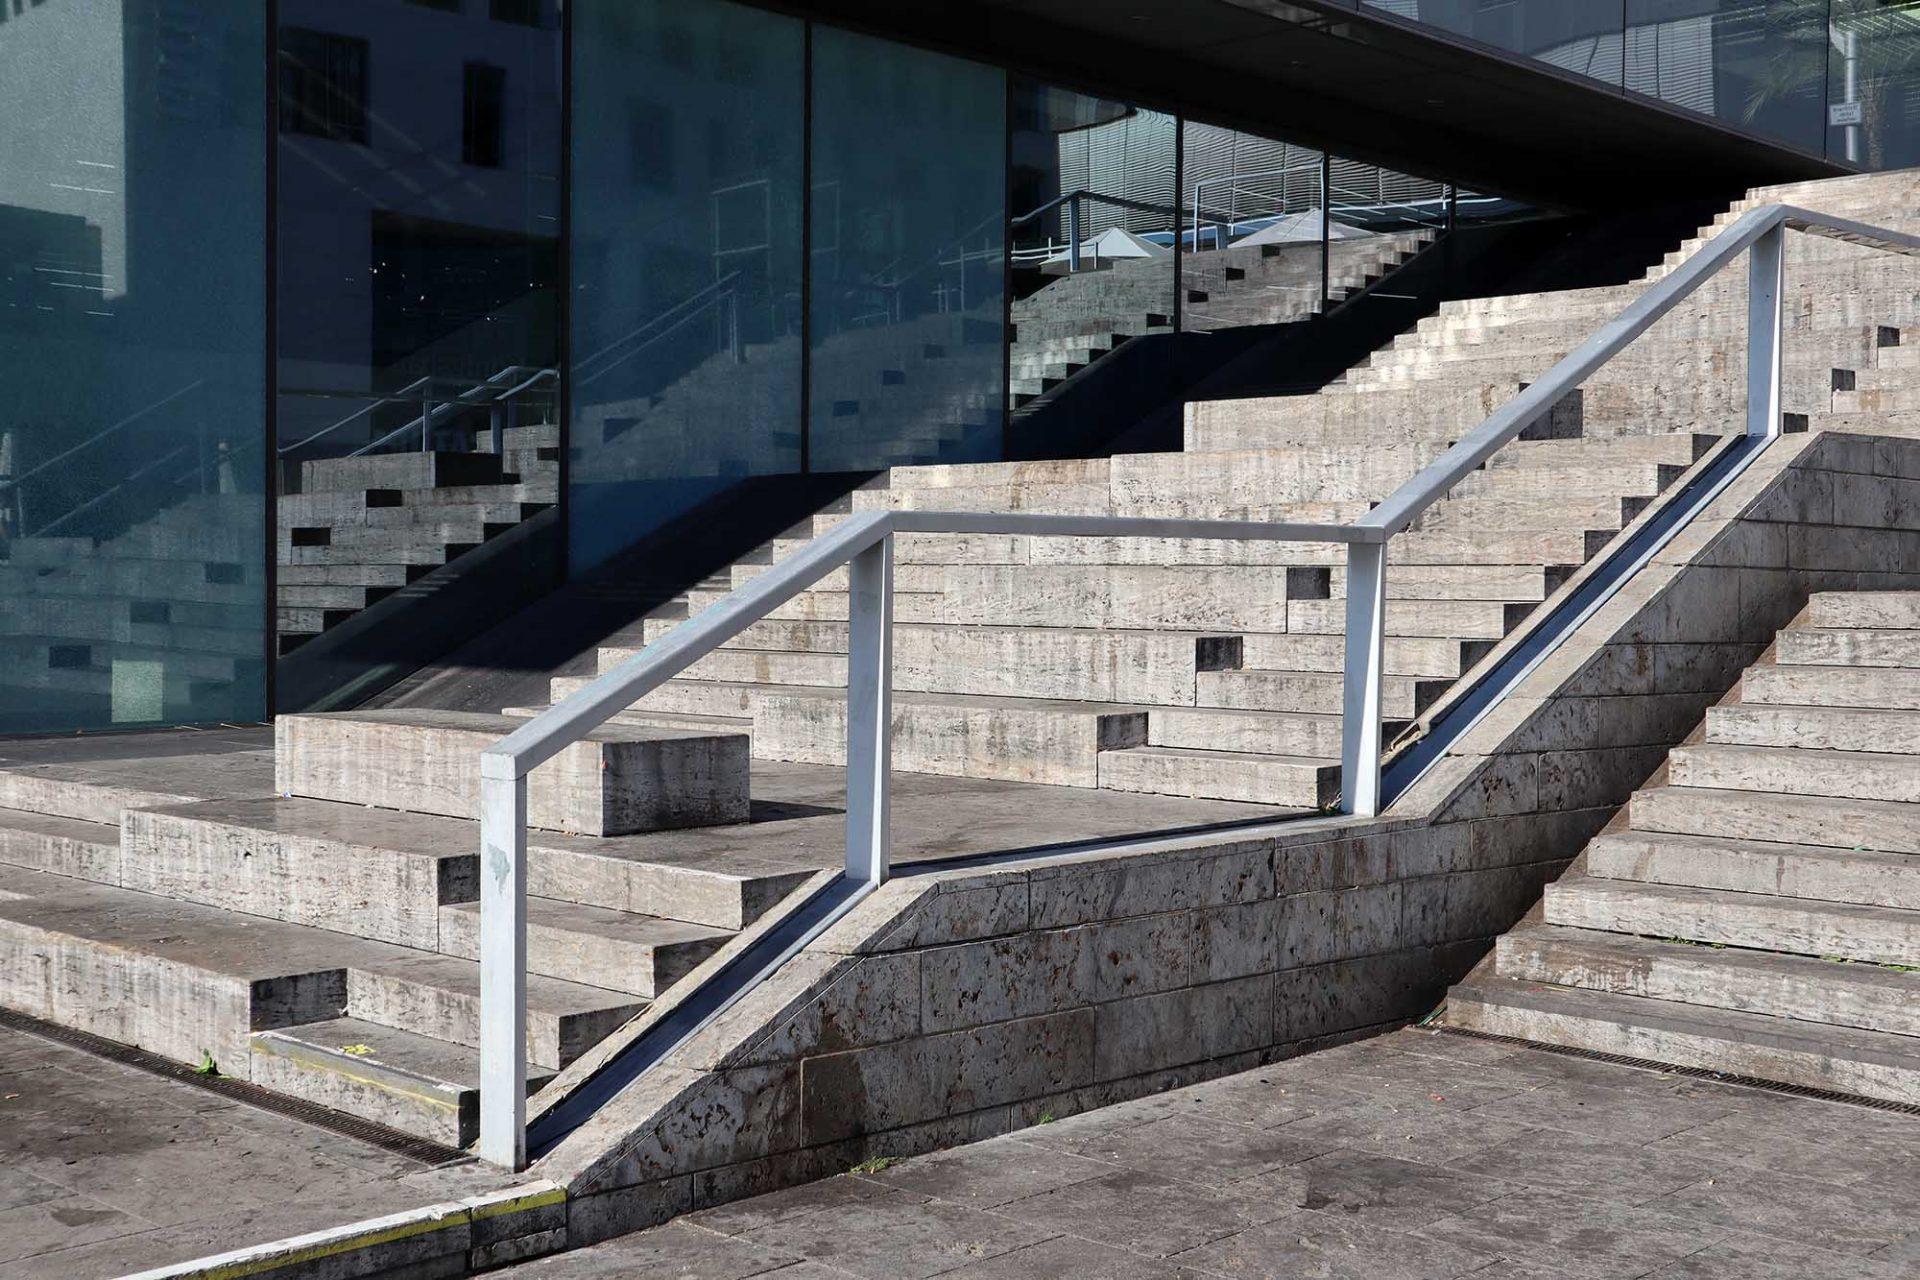 Kunstmuseum. Die breite Freitreppe außen ist fester Bestandteil des städtischen Zentrums.